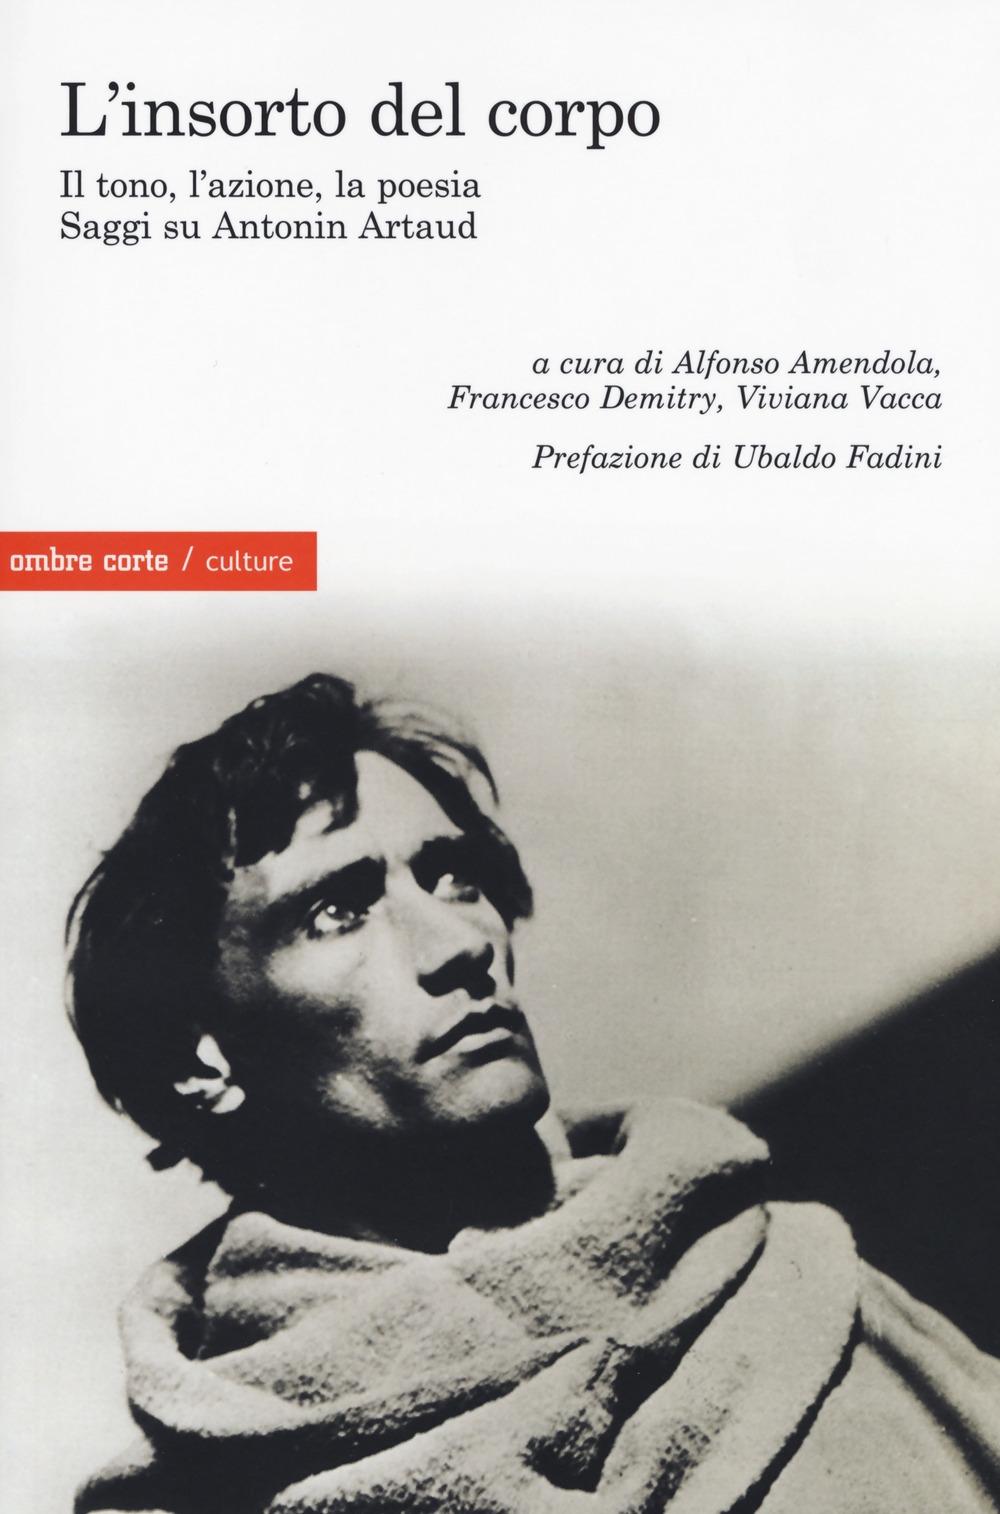 L'insorto del corpo. Il tono, l'azione, la poesia. Saggi su Antonin Artaud